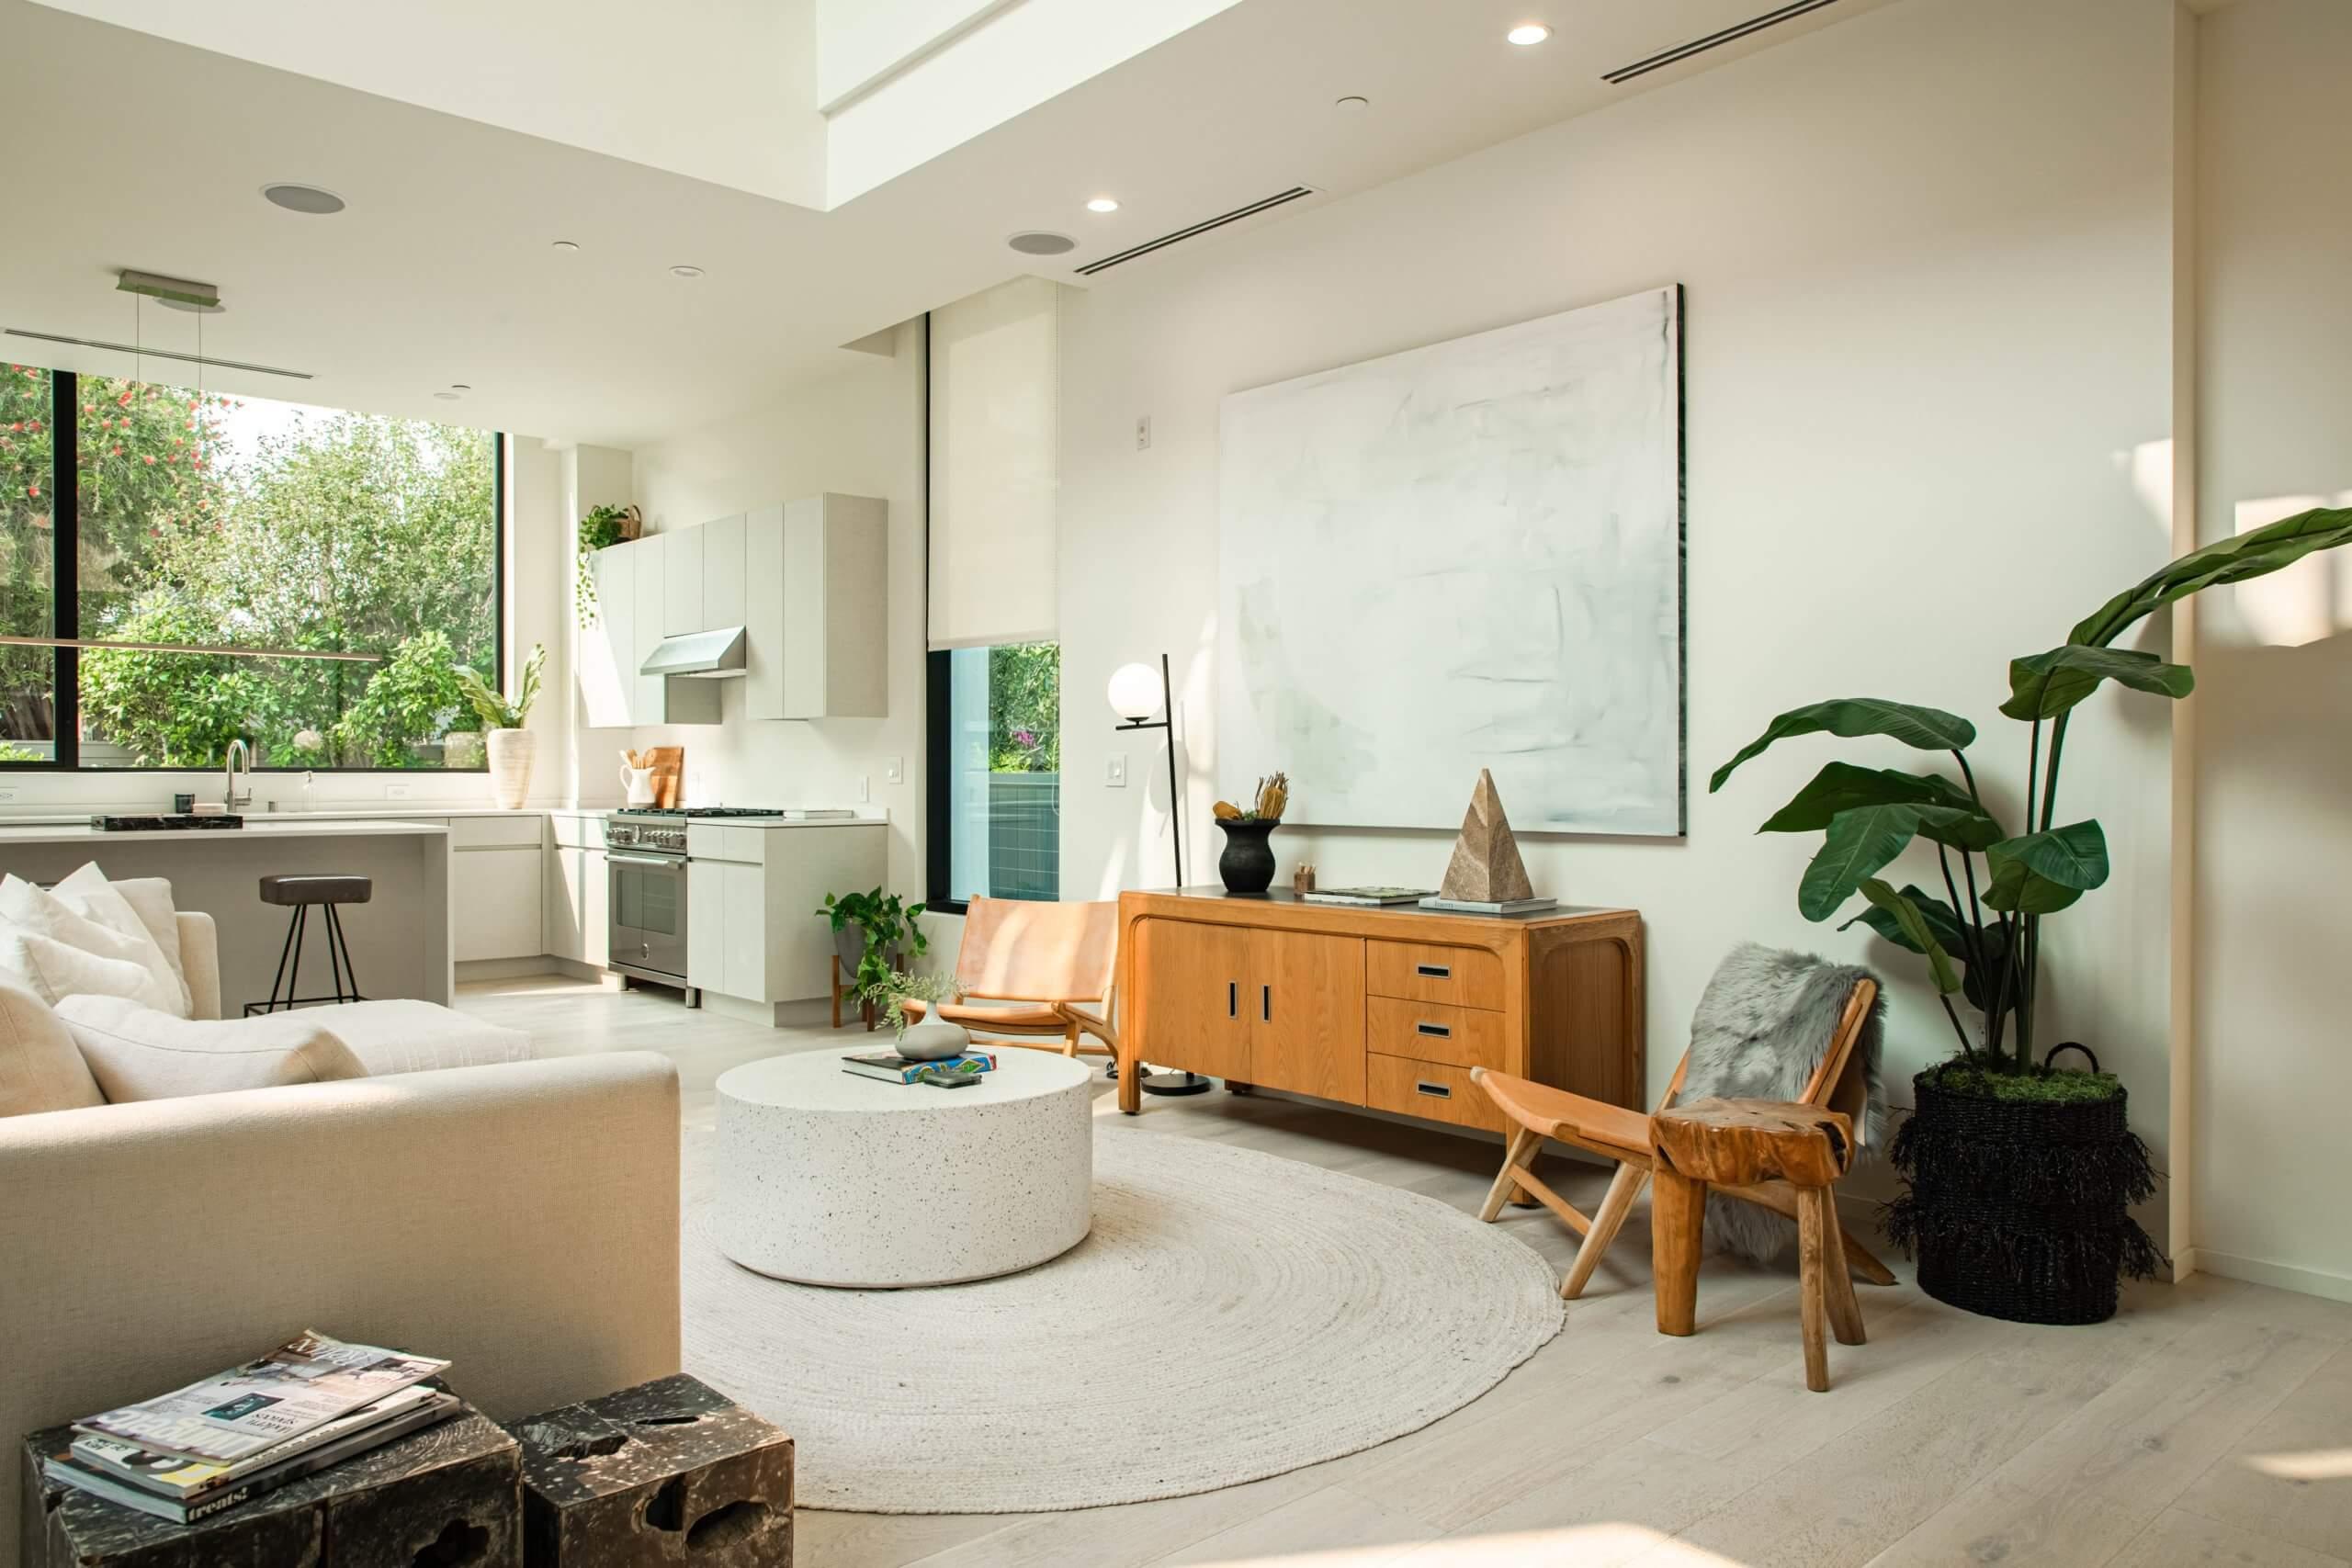 Nebenkosten beim Immobilienkauf